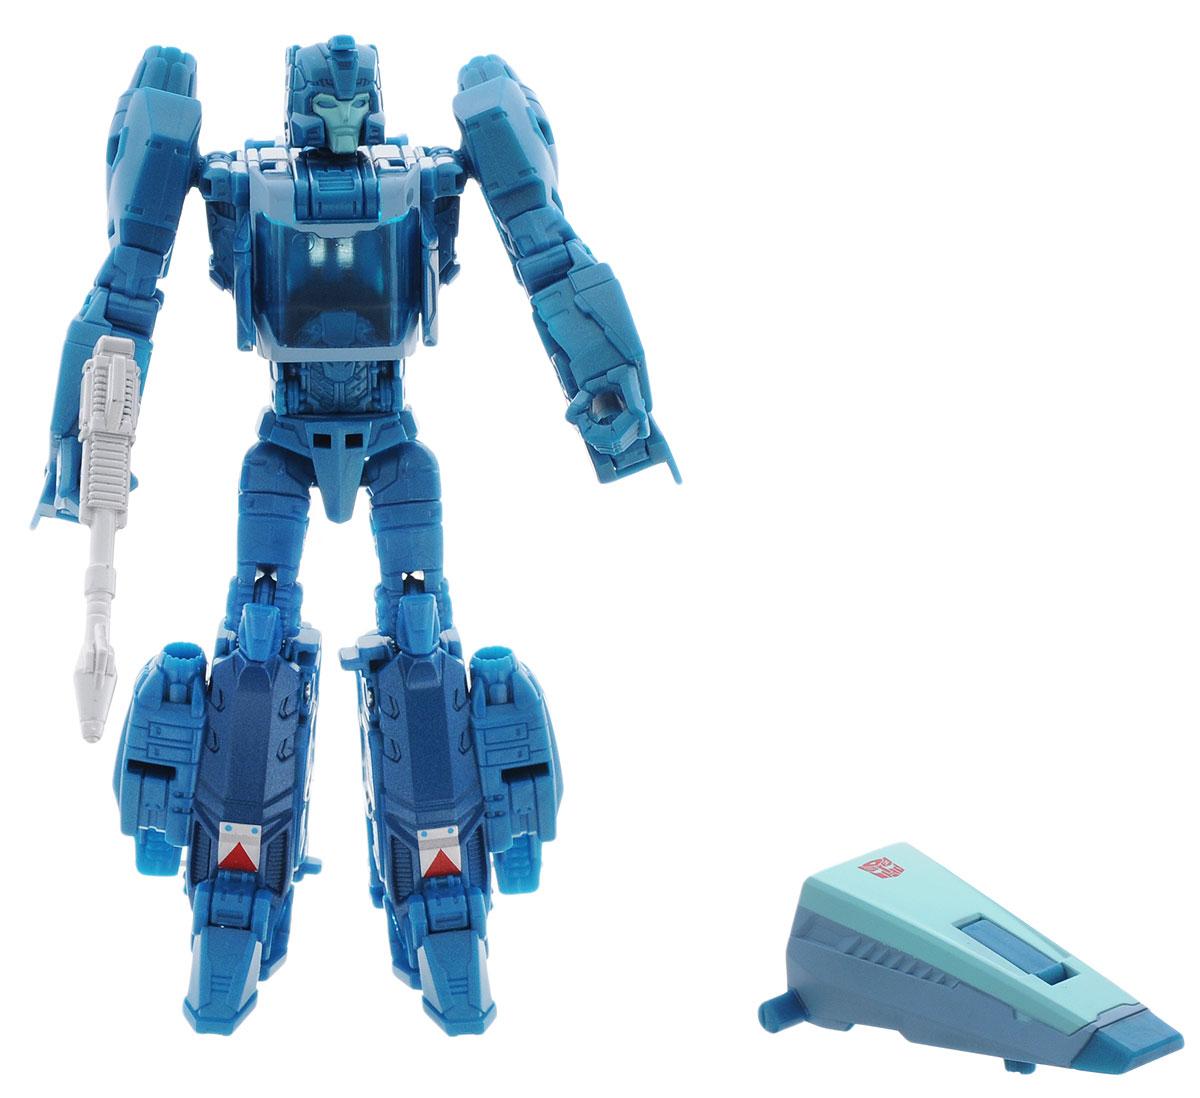 Transformers Трансформер Hyperfire & BlurrB7762EU4_B7026Трансформер Transformers Hyperfire & Blurr обязательно понравится всем маленьким поклонникам знаменитых Трансформеров! Фигурка выполнена из прочного пластика. В несколько простых шагов малыш сможет трансформировать фигурку робота в боевую машину и обратно. Фигурка отличается высокой степенью детализации. Ребенок с удовольствием будет играть с трансформером, придумывая различные истории. Порадуйте его таким замечательным подарком! В комплект также входят оружие трансформера и карта персонажа с техническими характеристиками.